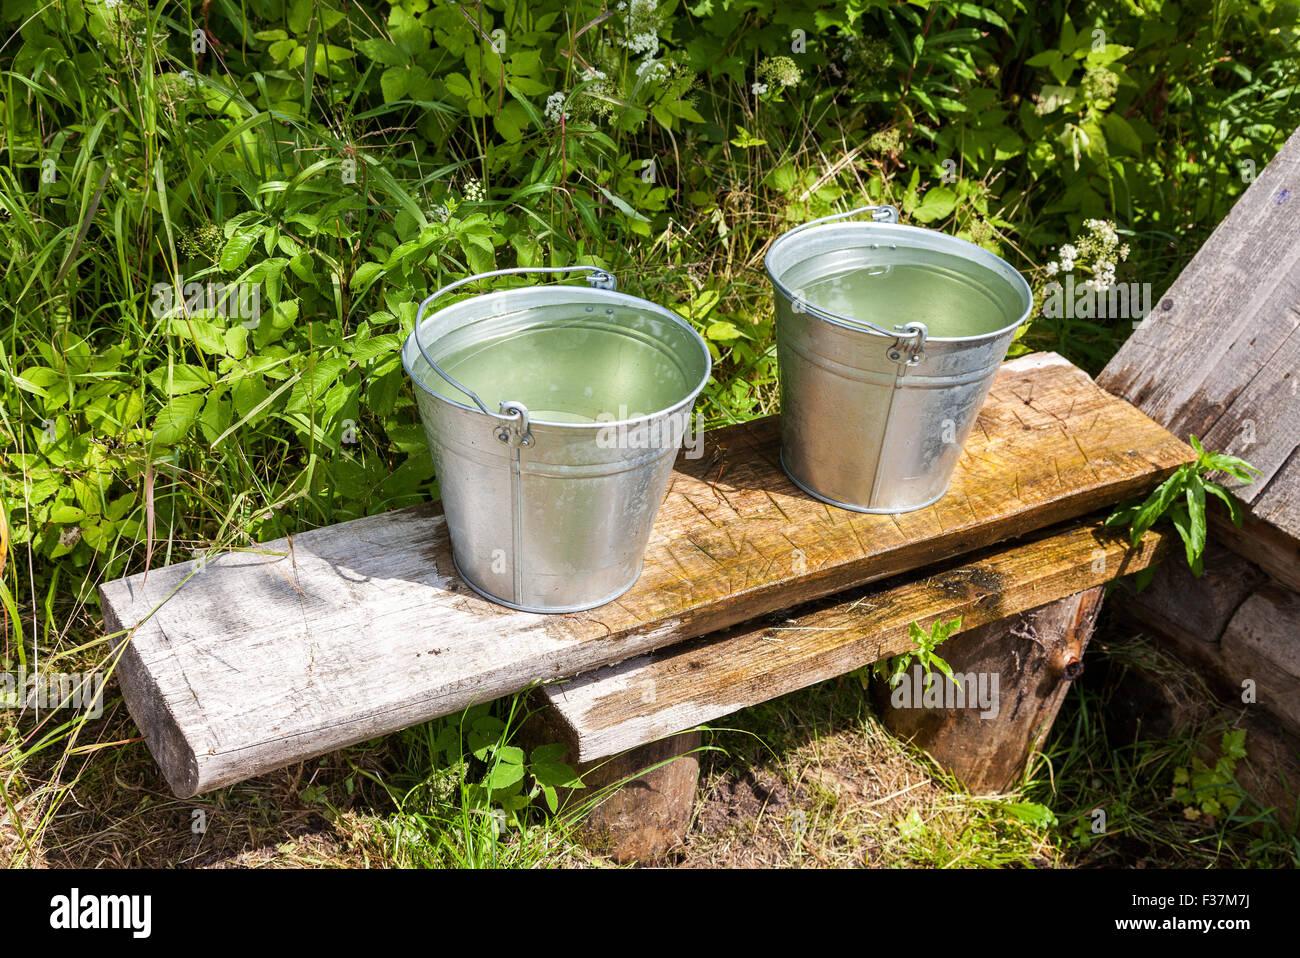 Eimer Wasser stehend auf einer Bank am Dorf Wasser gut Stockbild